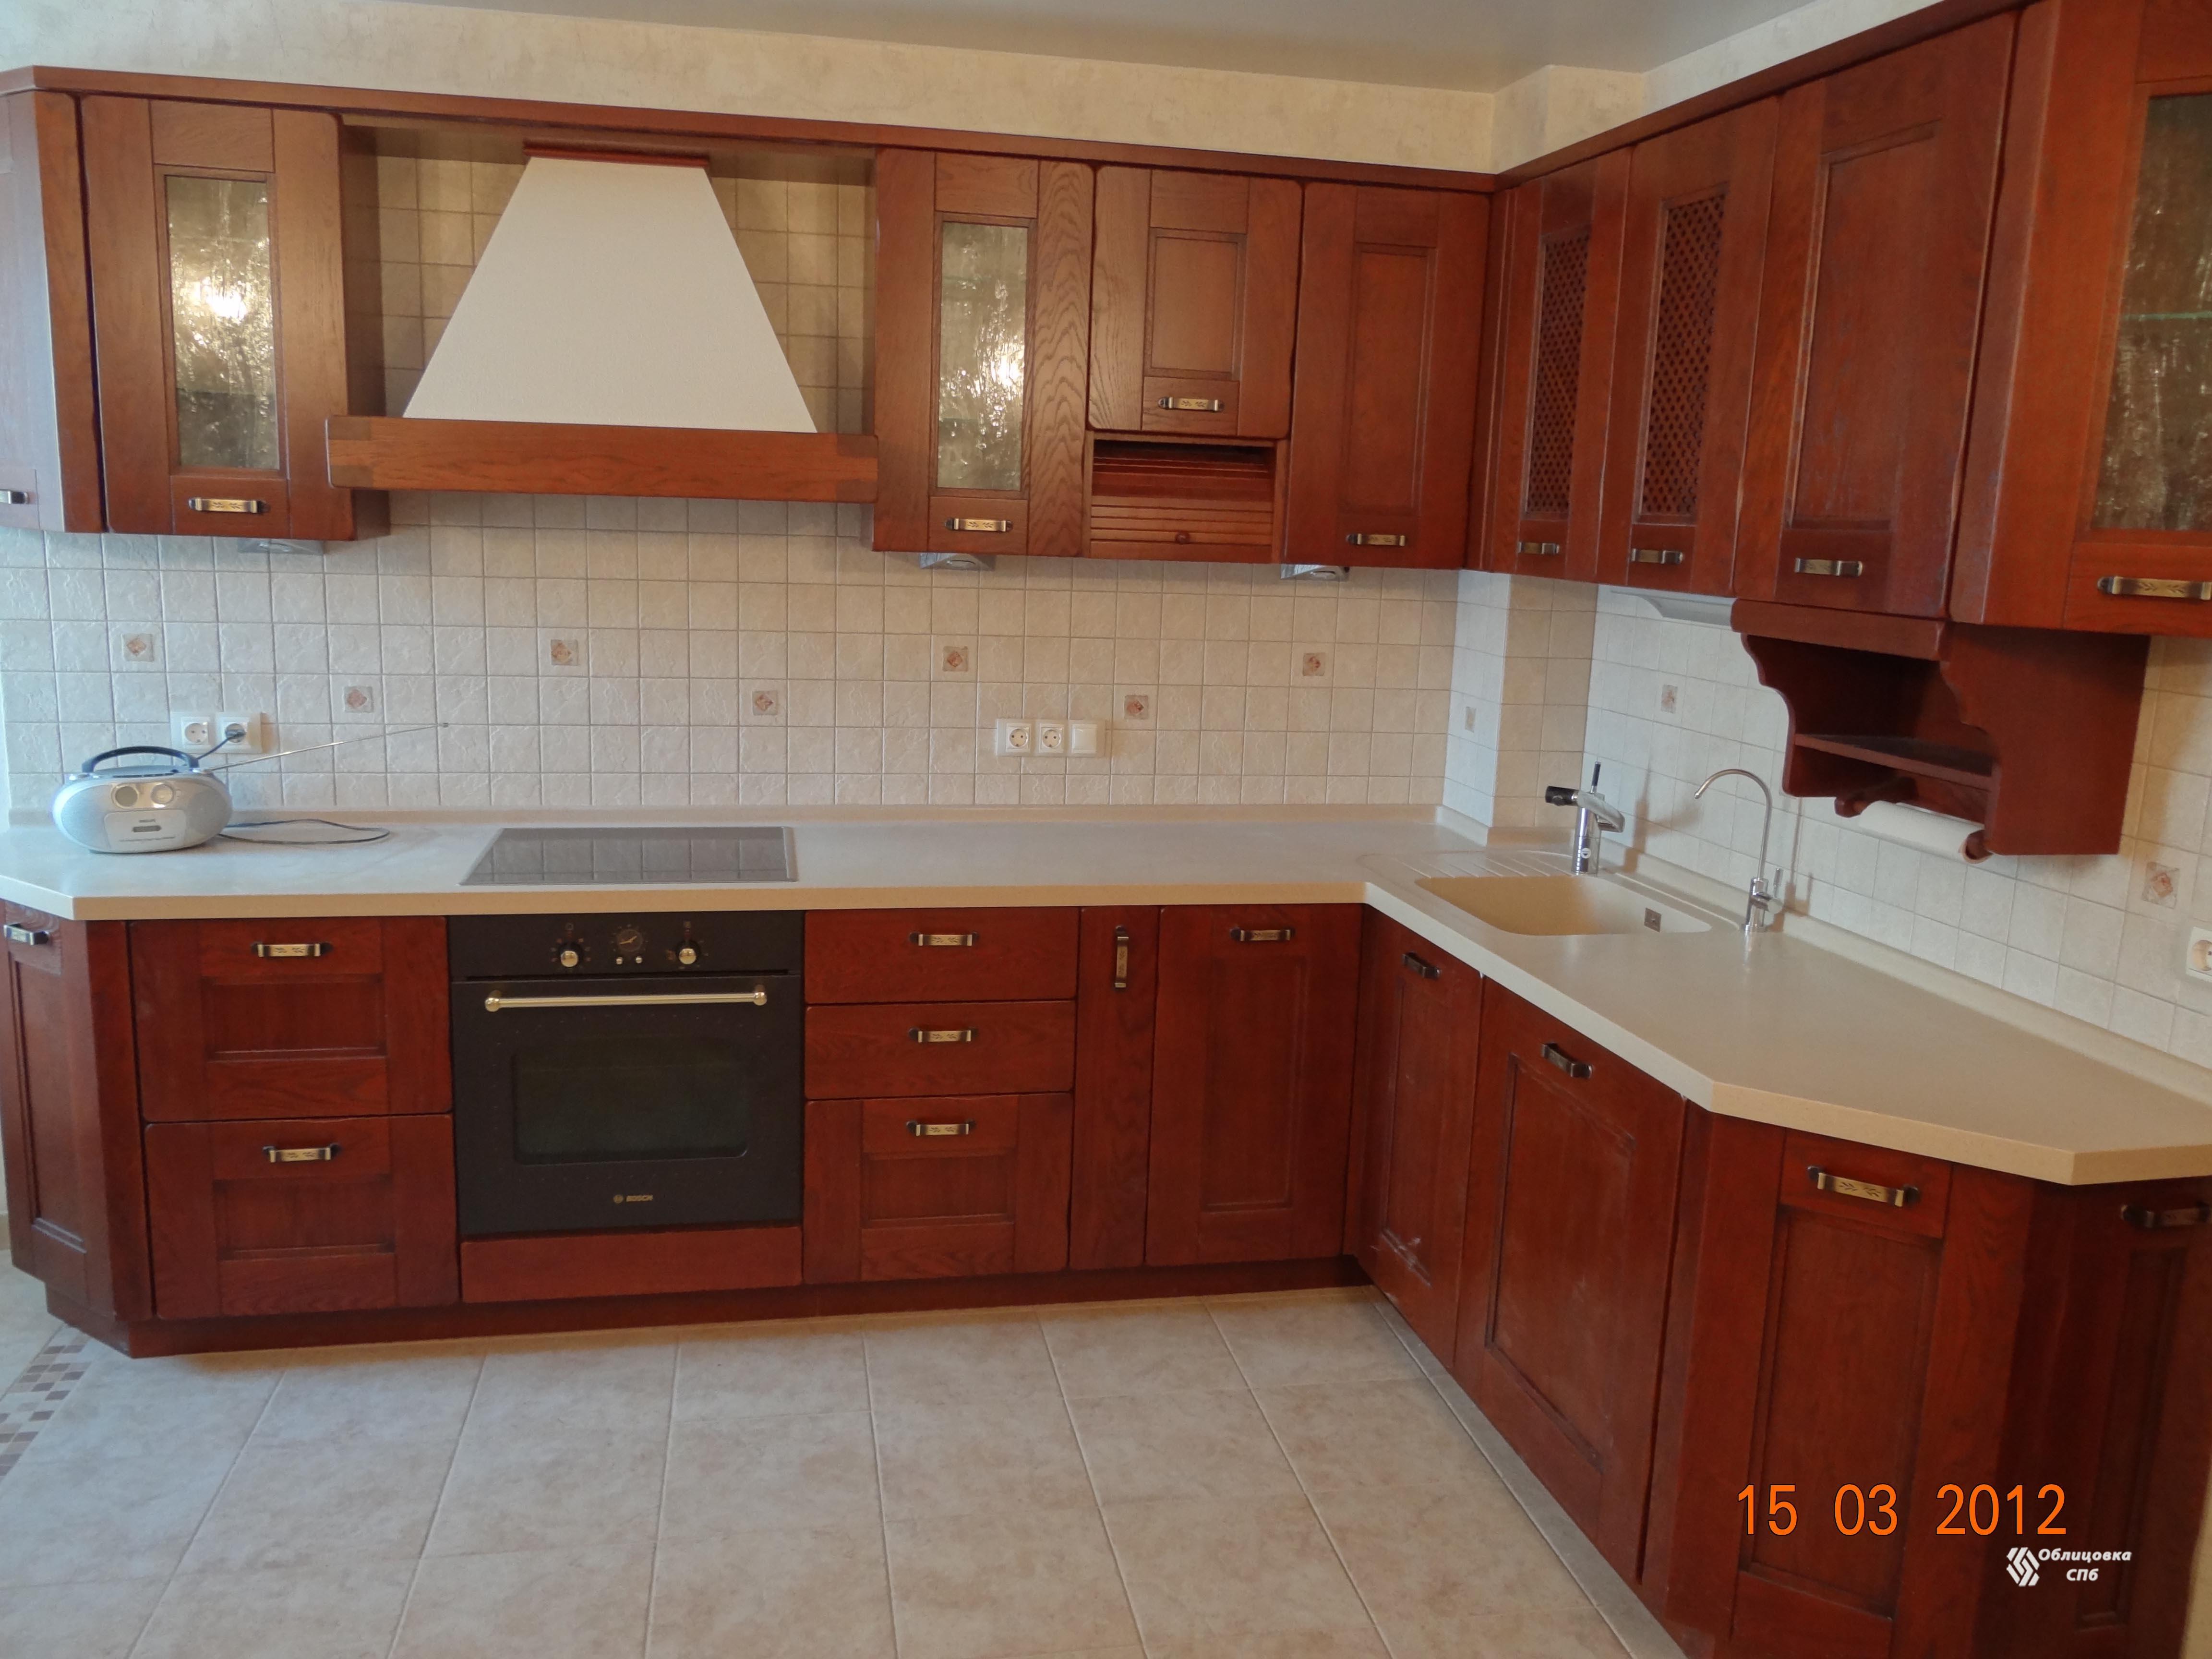 Кухонный фартук из керамической плитки кремового цвета